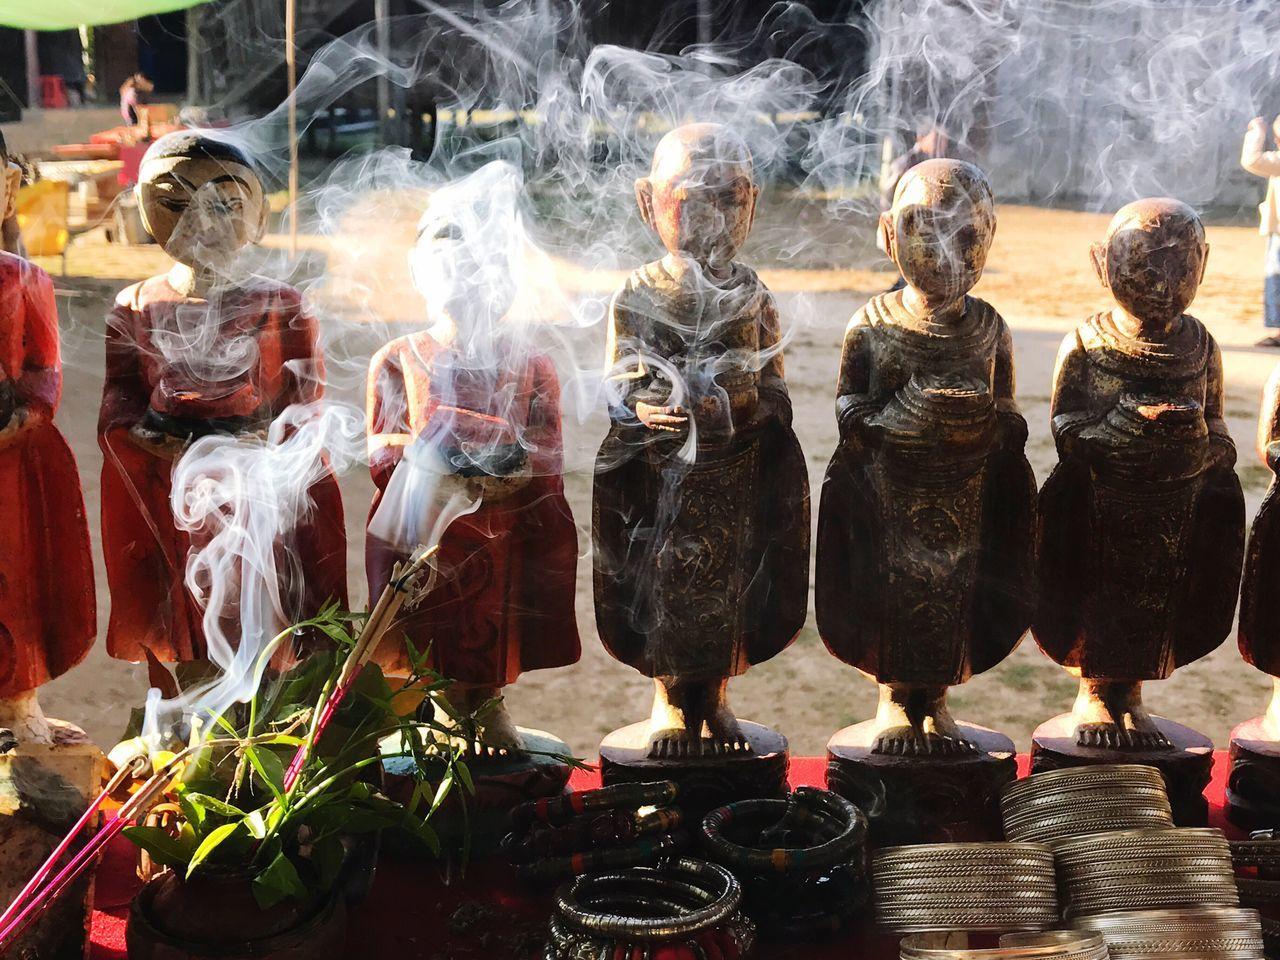 Myanmar Burma Burmese South East Asia Souvenir Monks Inle Lake Inlay Taunggyi Nyaungshwe Travel